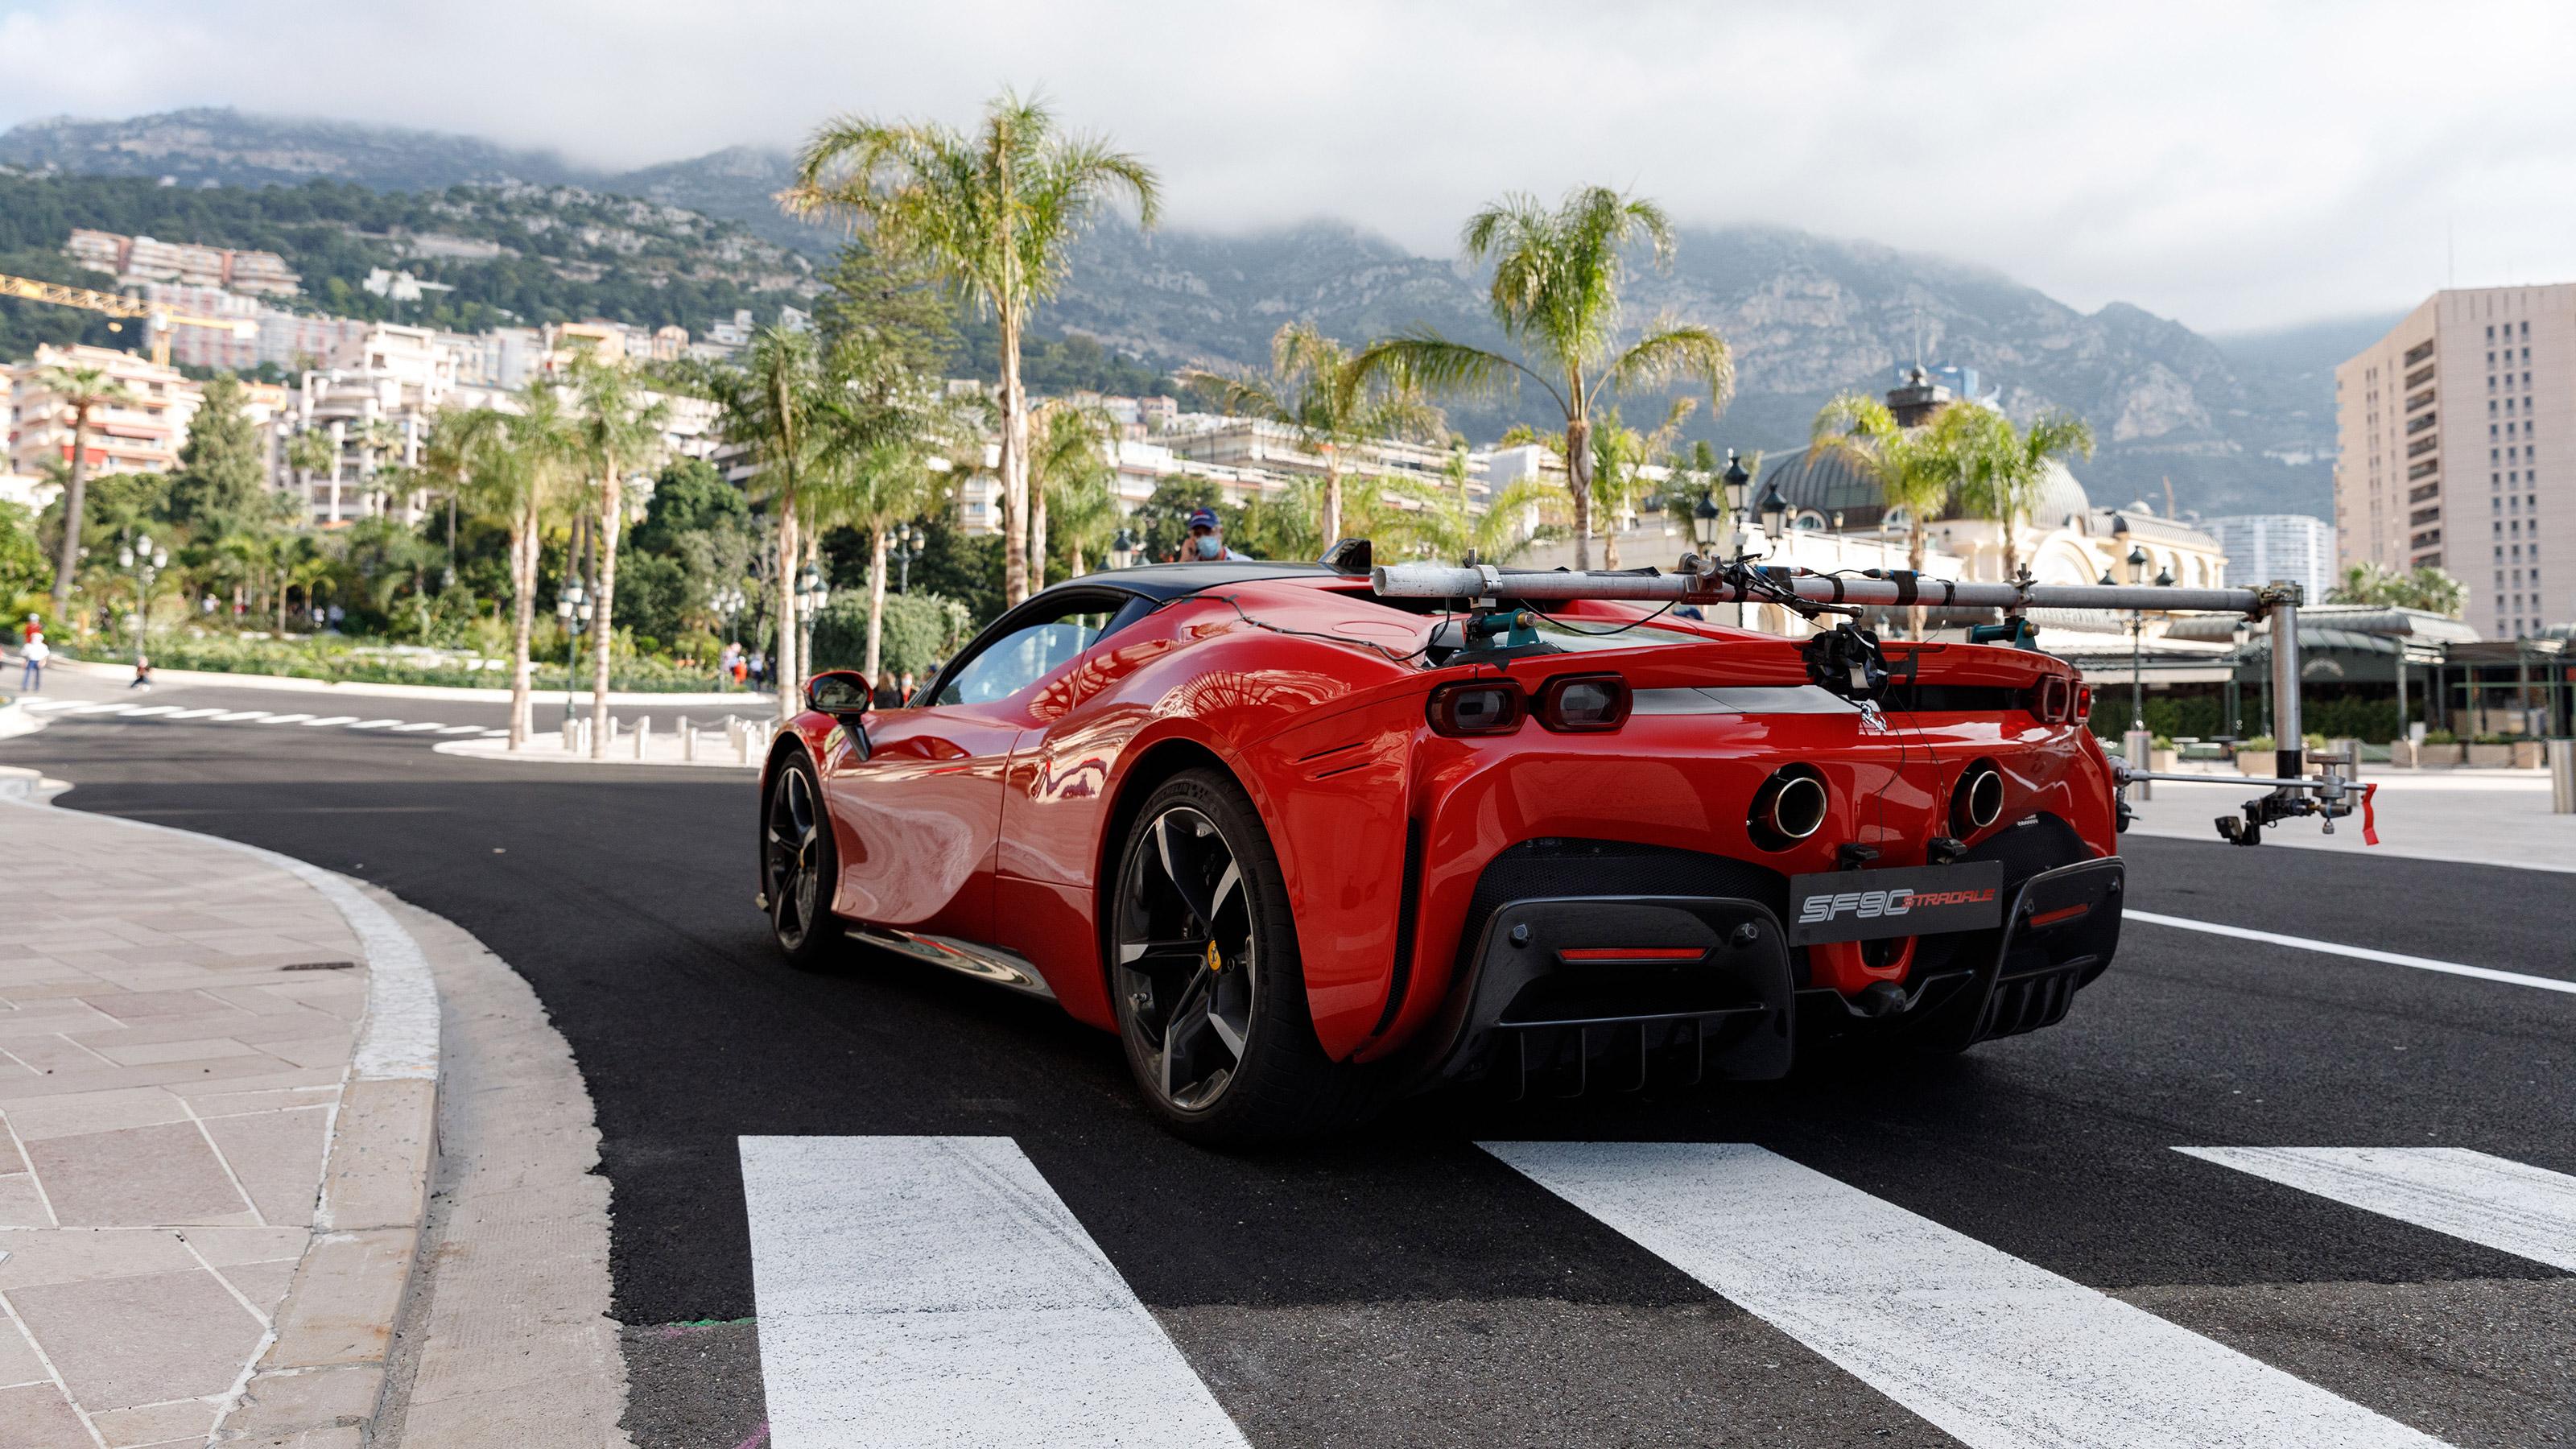 986bhp Ferrari Sf90 Stradale Stars In C Etait Un Rendezvous Recreation Evo